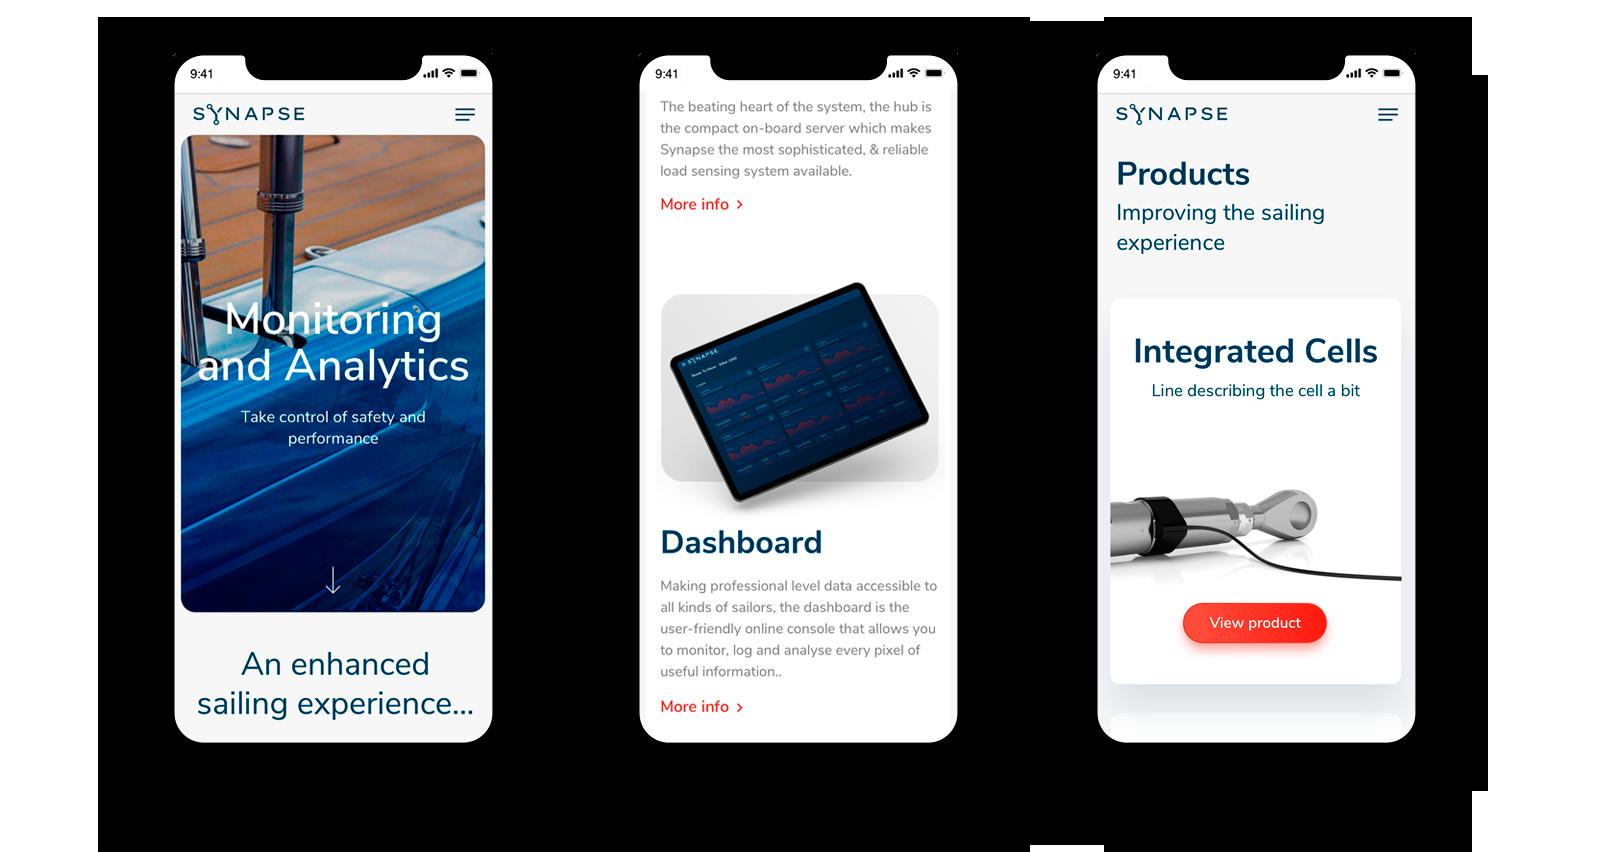 Lanzamos la nueva web de Synapse, desarrollo de productos de innovación referentes en la industria marina